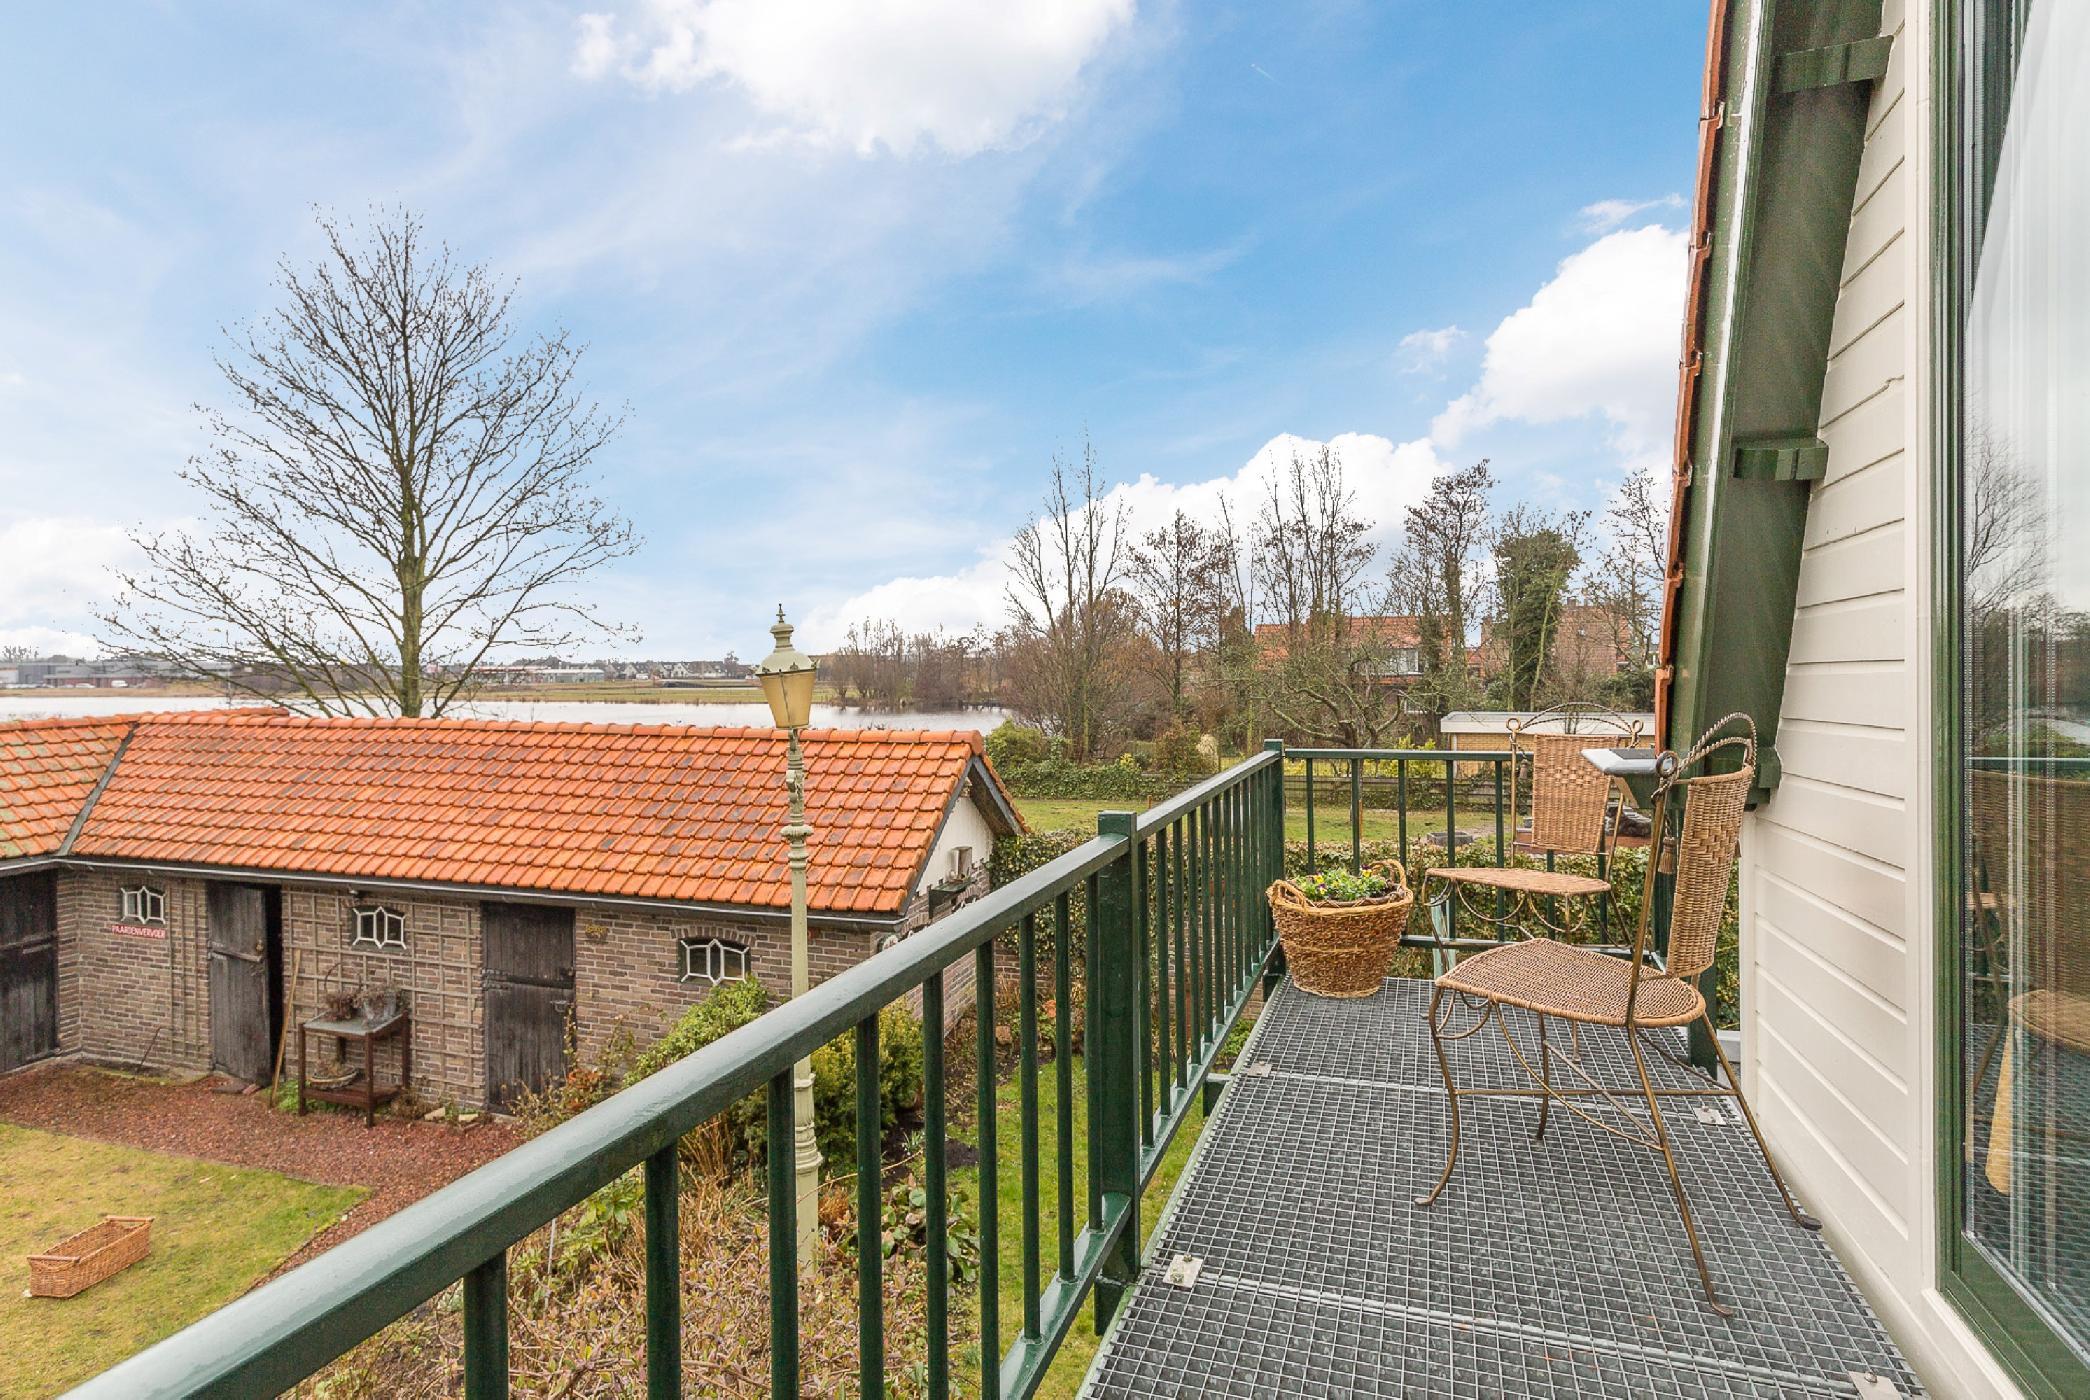 2018 03 13 - willem knipmeijer - zuideinde 142 amsterdam  13 of 18  jpg